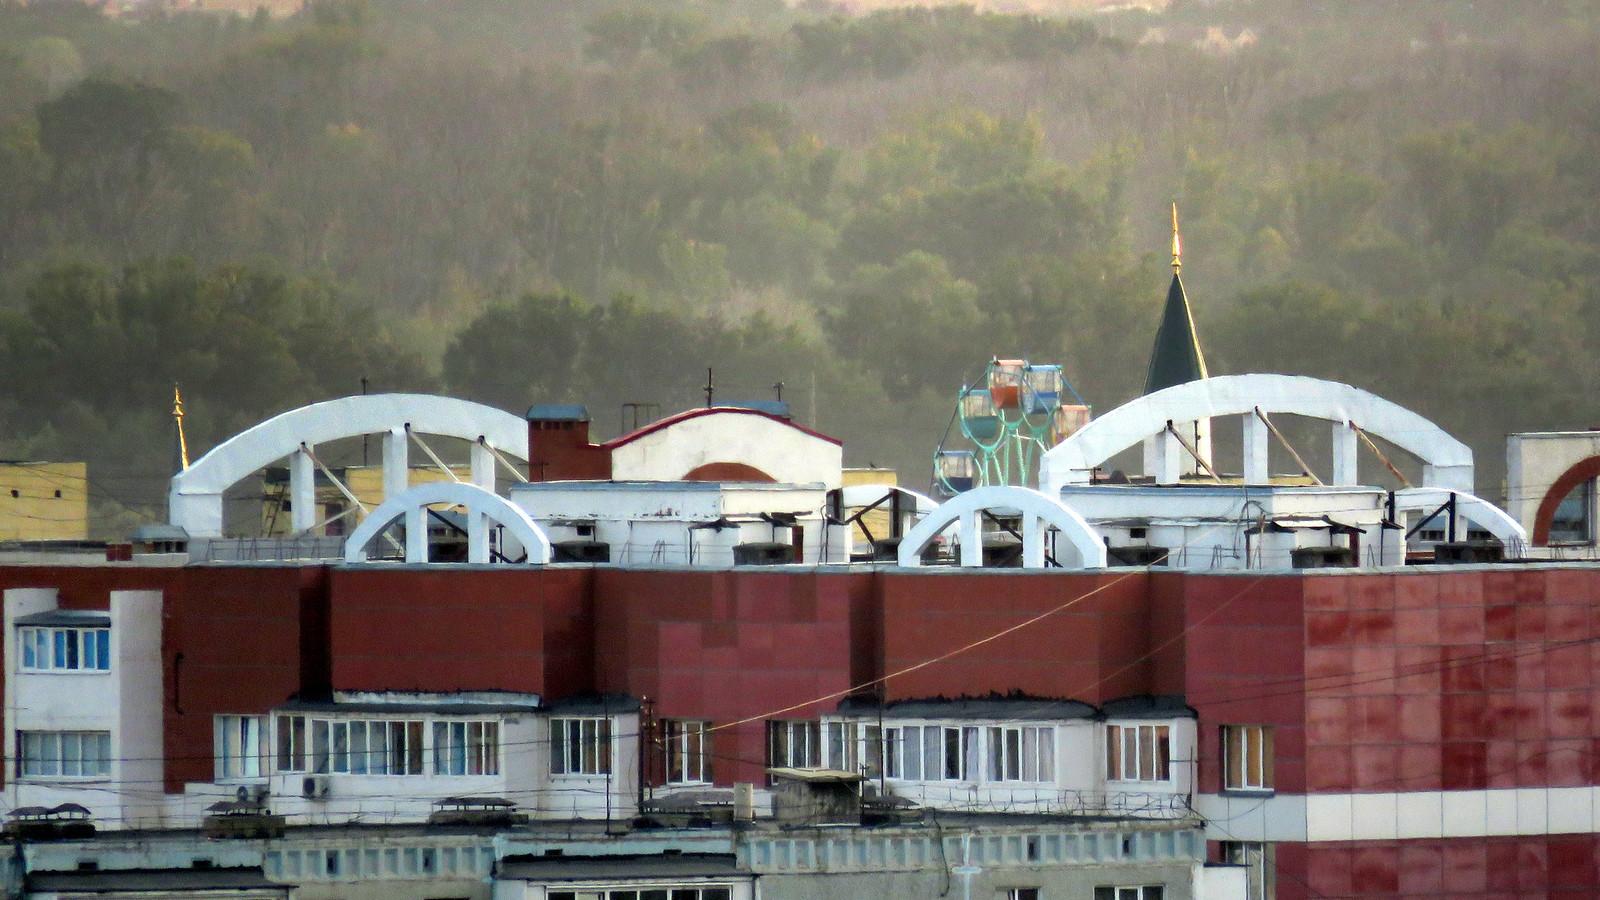 Две мечети гребешки и колесо1